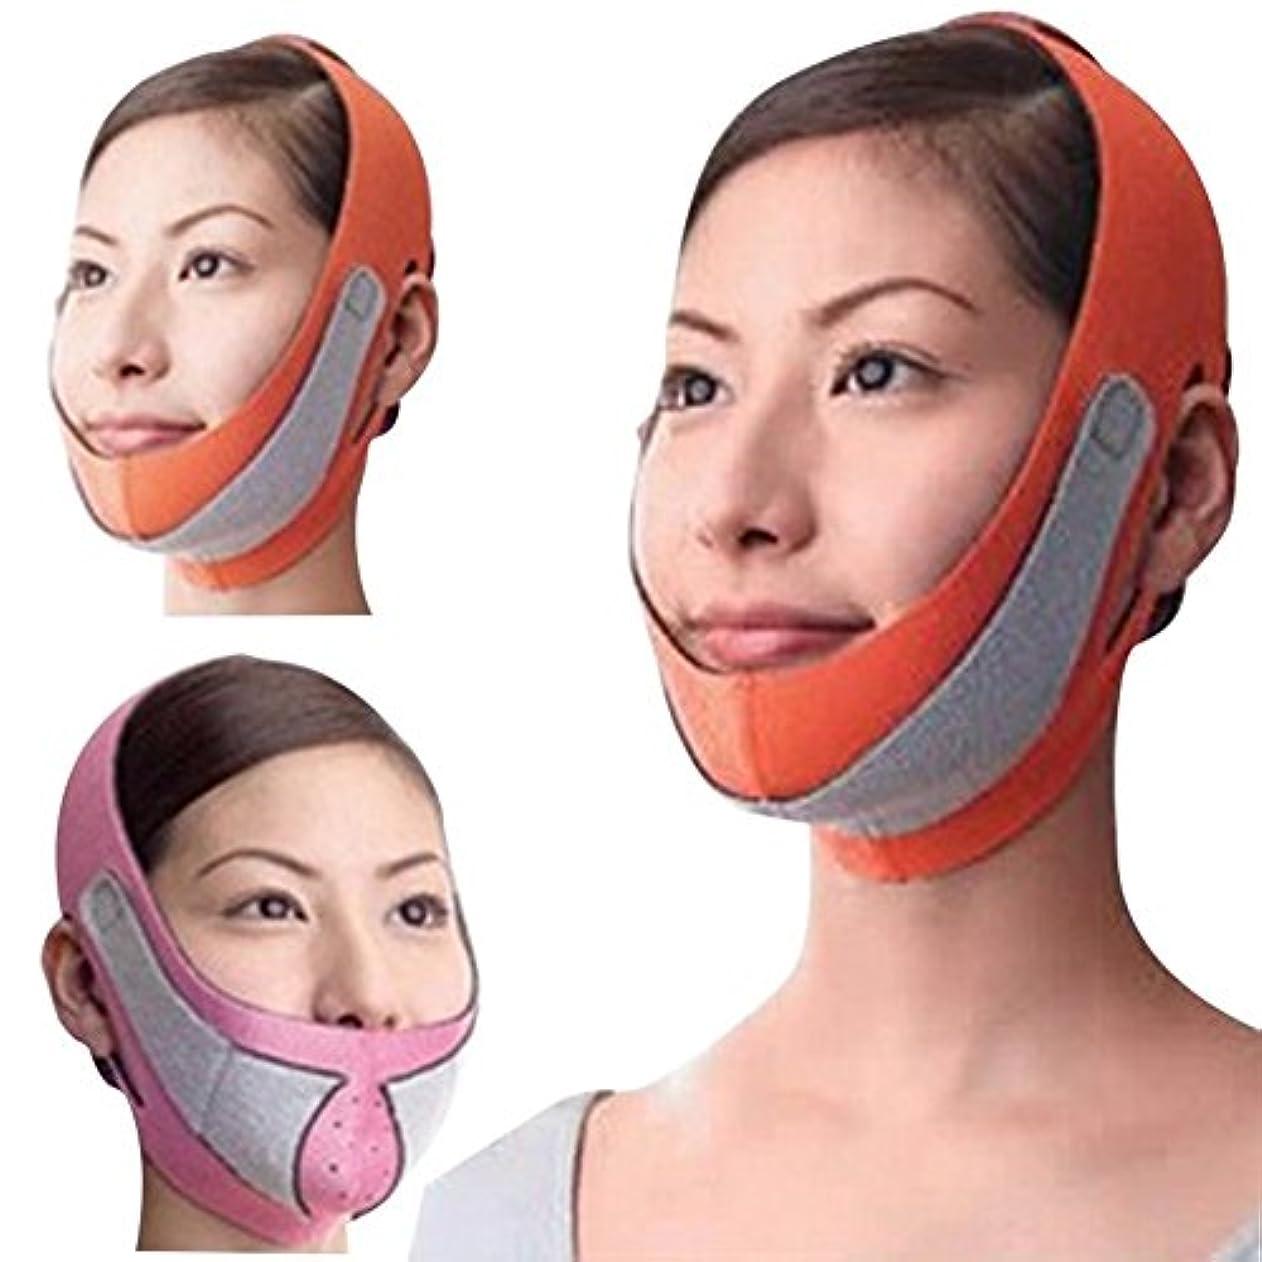 意味する非効率的なバイナリRemeehi 引き上げマスク 頬のたるみ 額 顎下 頬リフトアップ ピンク グレー 弾力V-ラインマスク 引っ張る リフティング フェイス リフトスリムマスク 美容 フェイスマスク ピンク